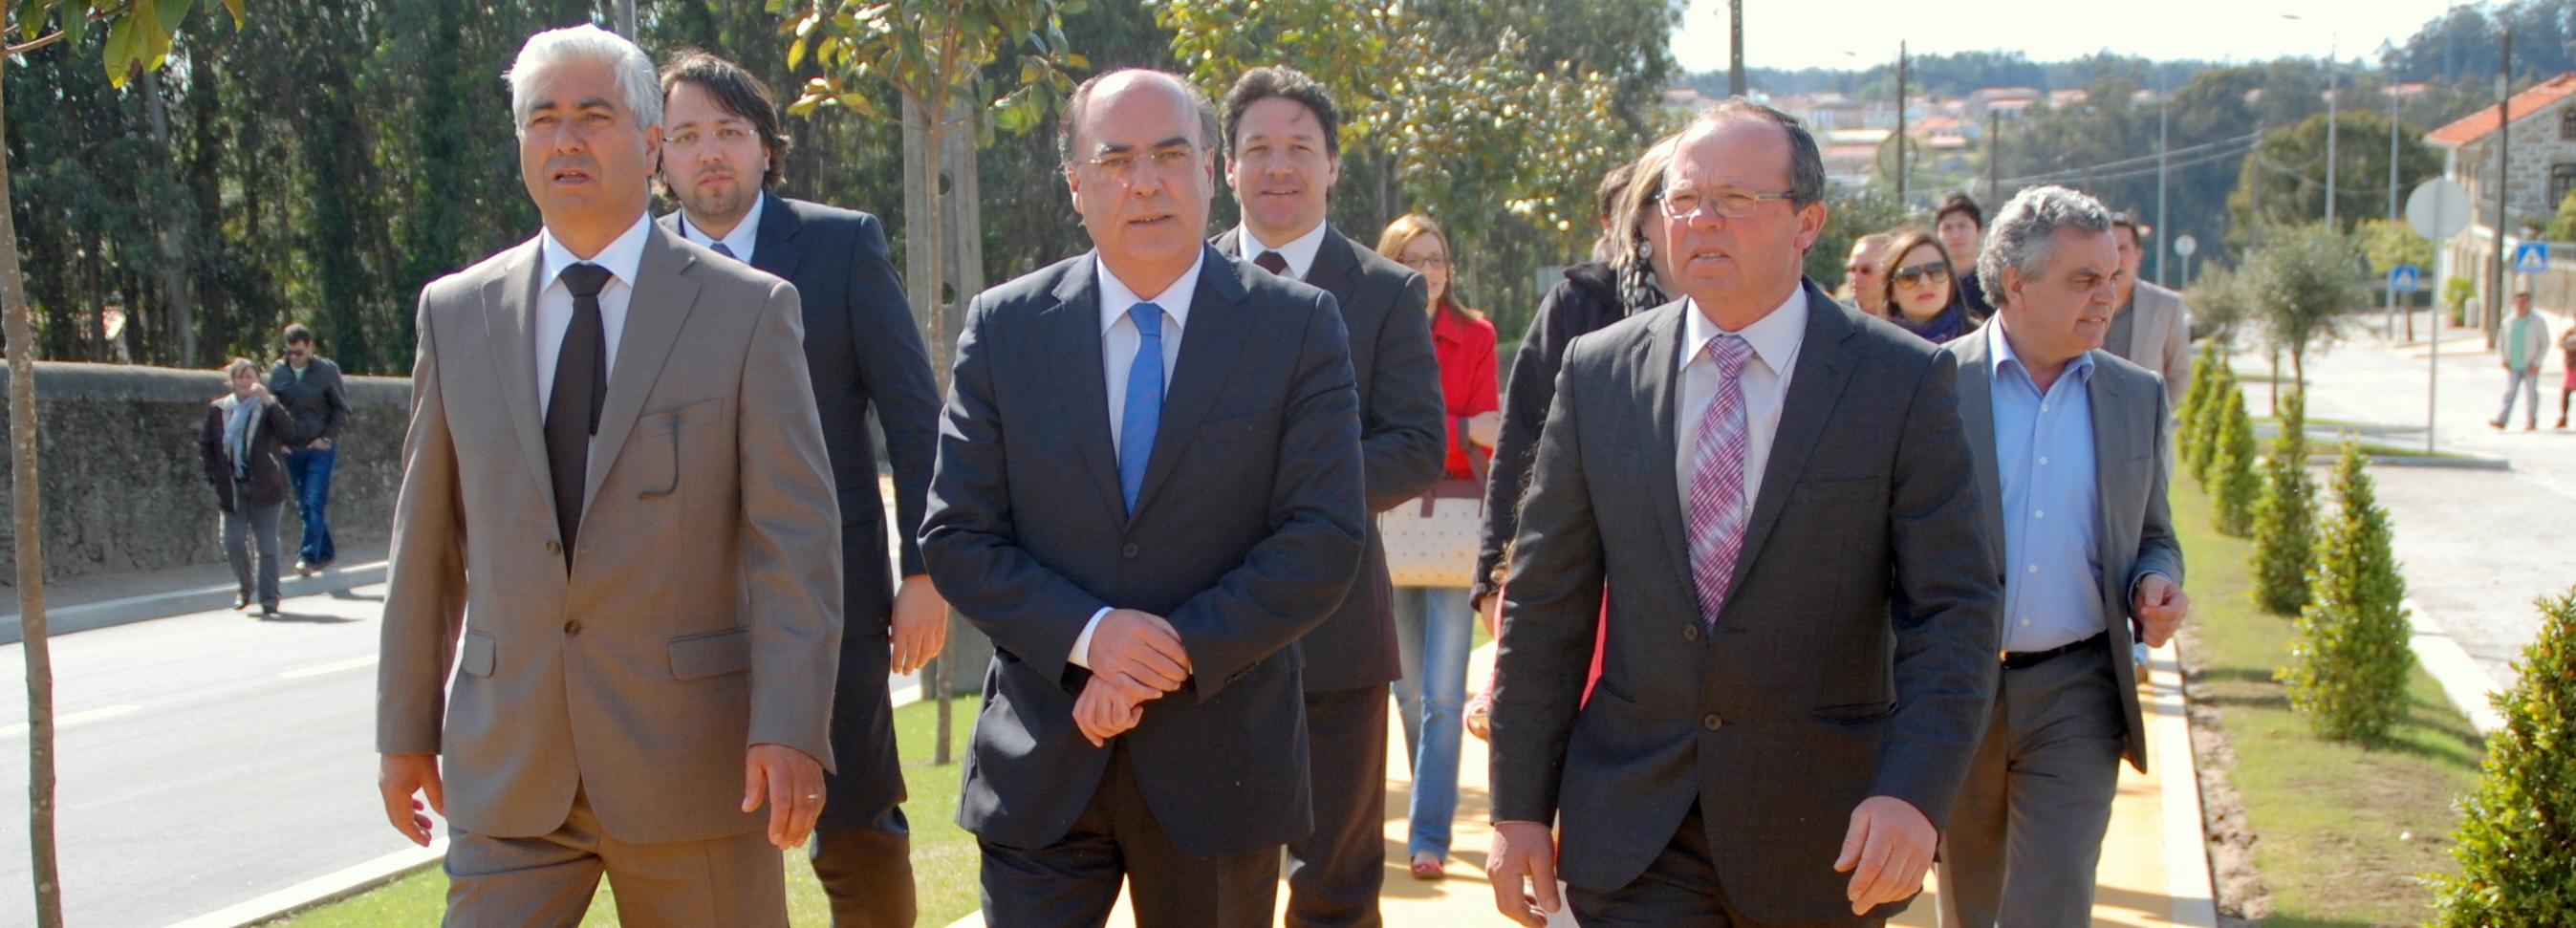 Presidente da Câmara inaugura arranjo urbanístico no centro da freguesia de Cristelo